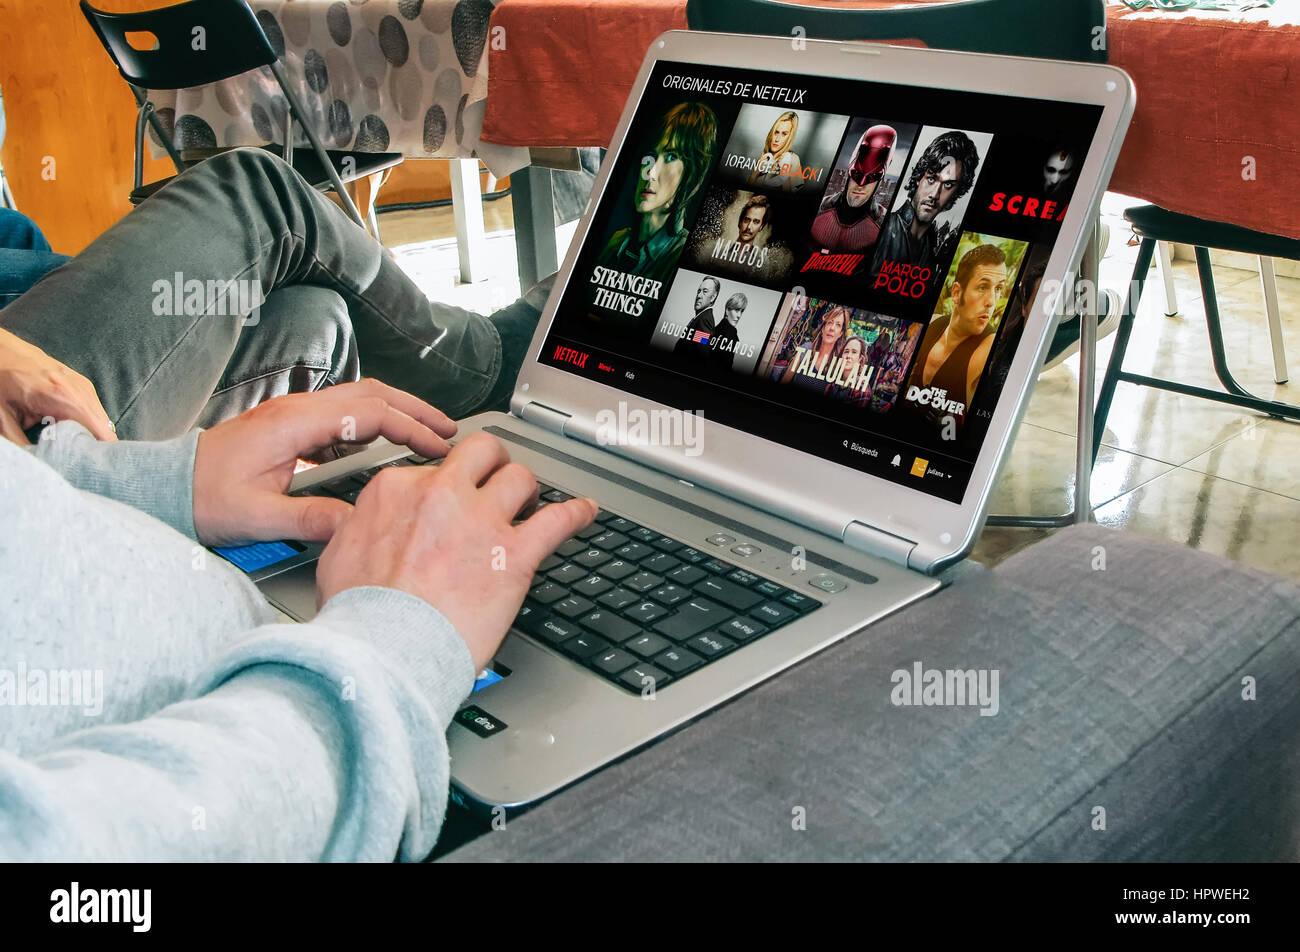 App Netflix su uno schermo del notebook Immagini Stock